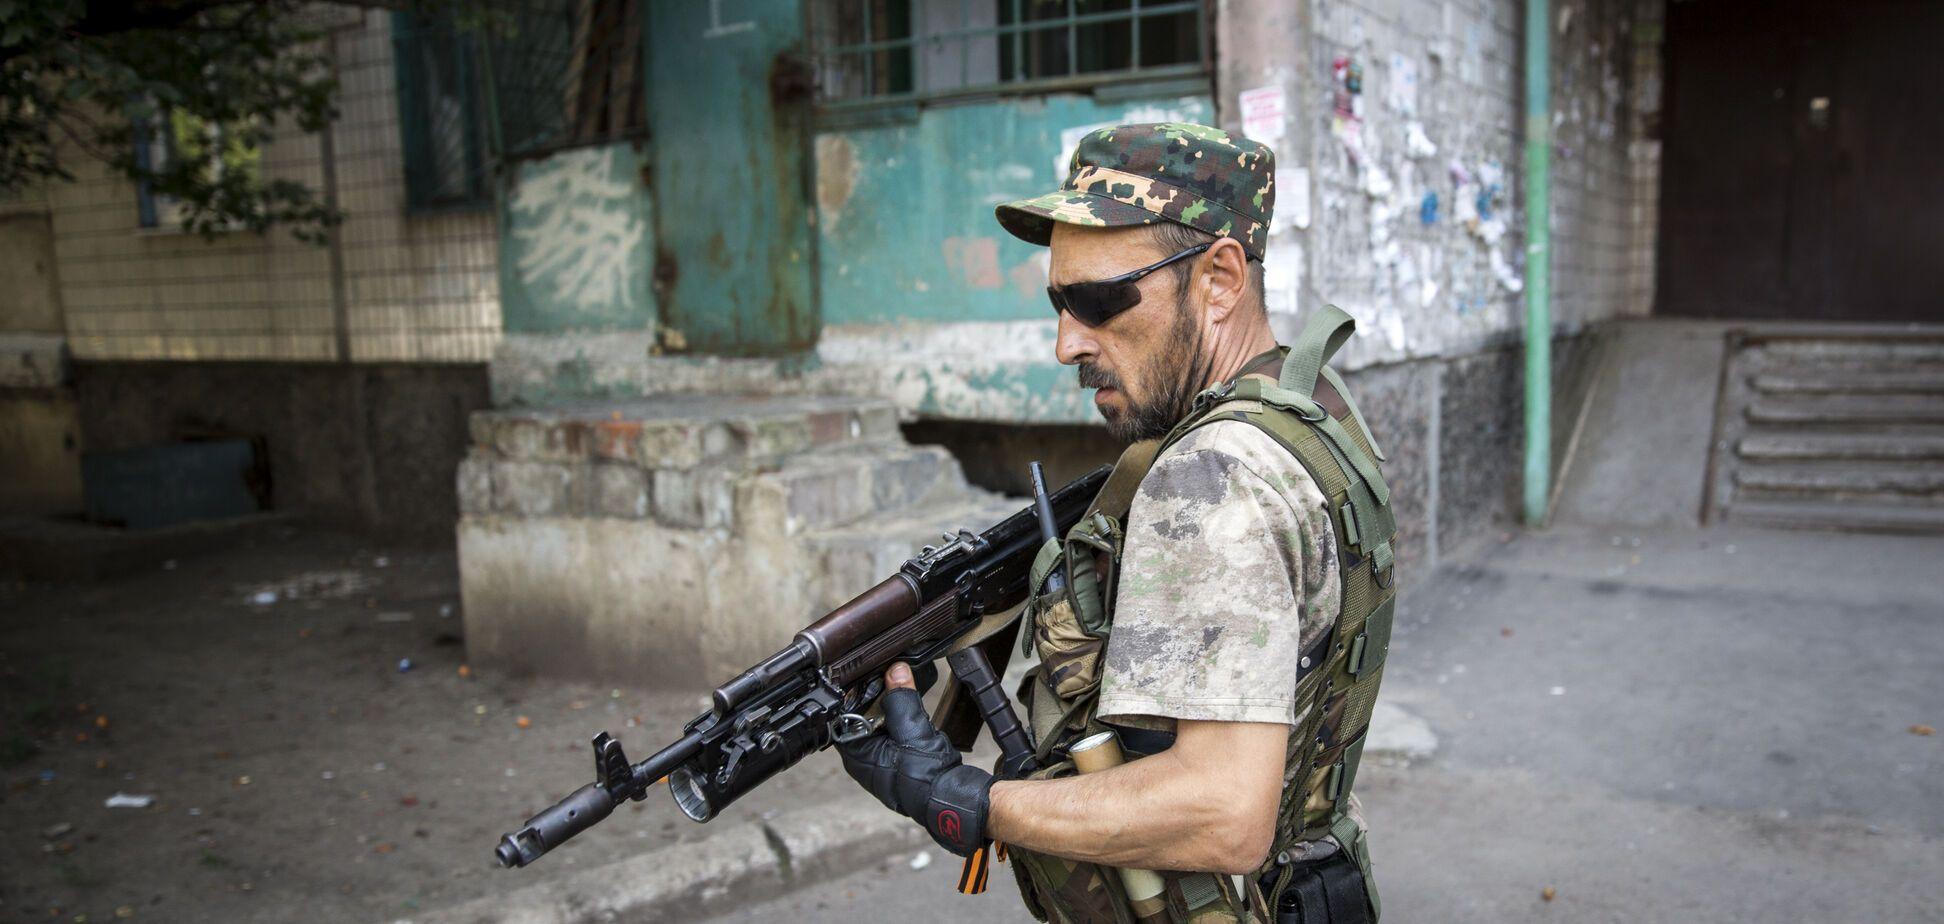 'Русский мир' встречает: стало известно, почему террористы не хотят ехать в 'Л/ДНР' на обмен